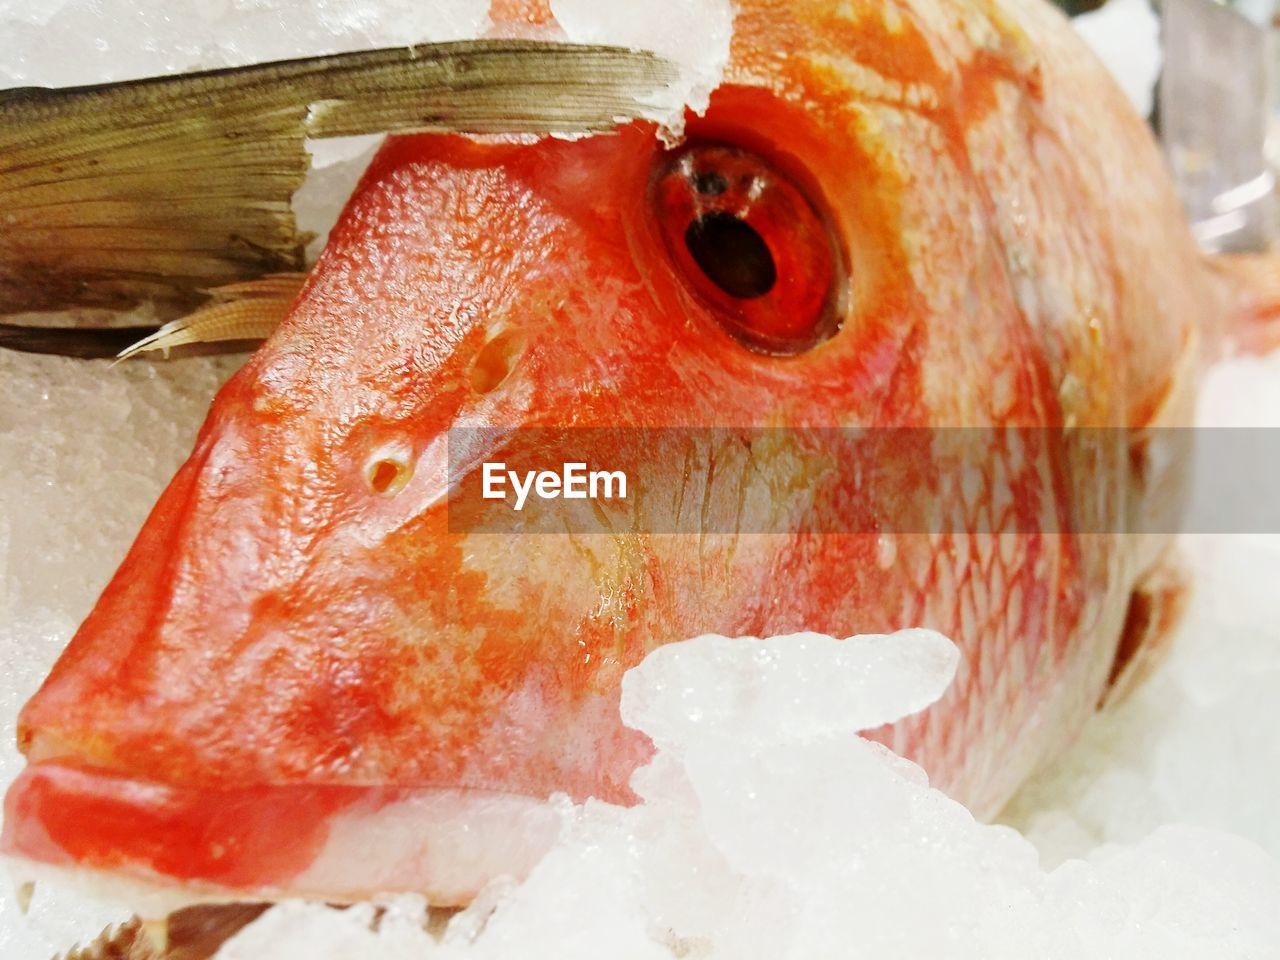 Close-up of orange fish in ice